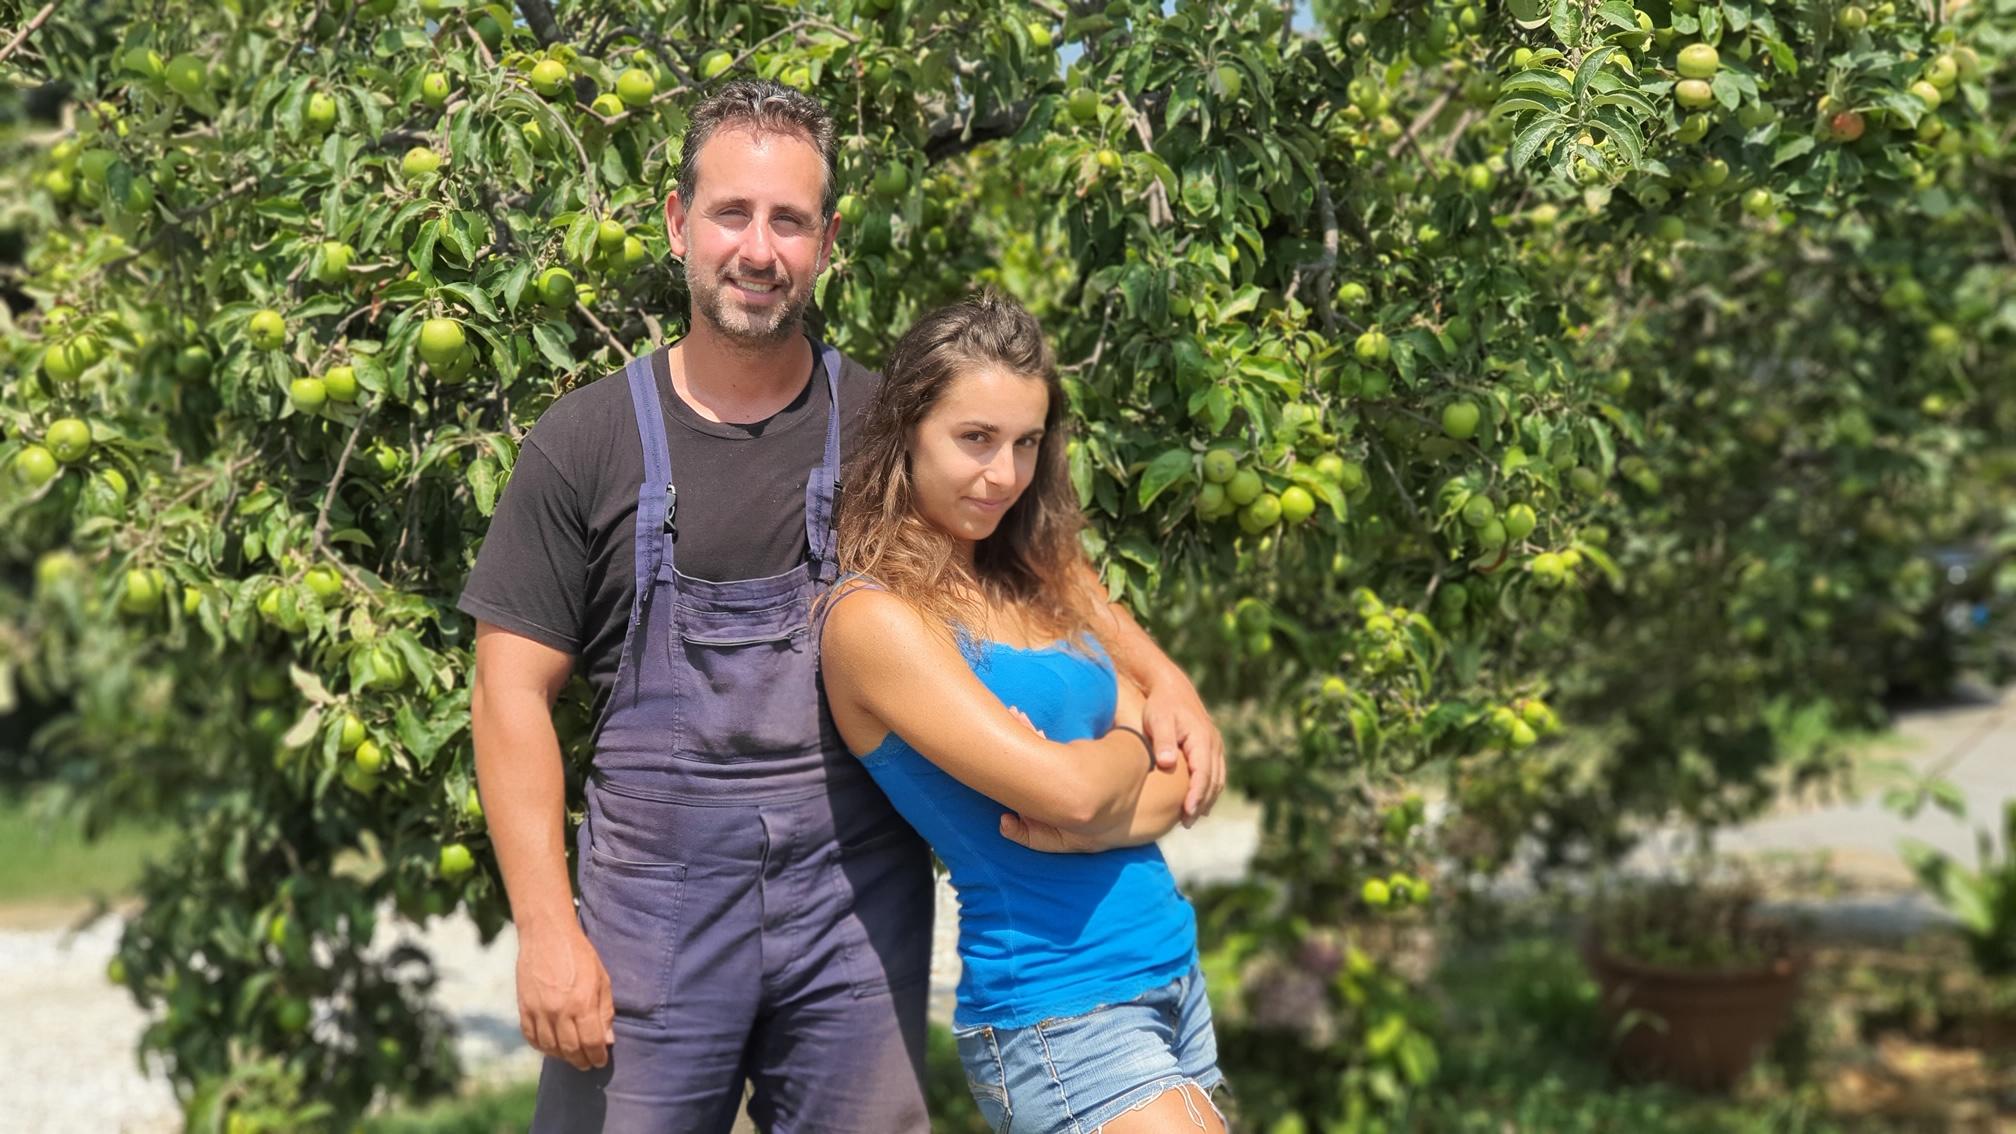 Lia e Luca Mannucci, titolari dell'azienda agricola biologica Lune Verdi, scelgono QdC®